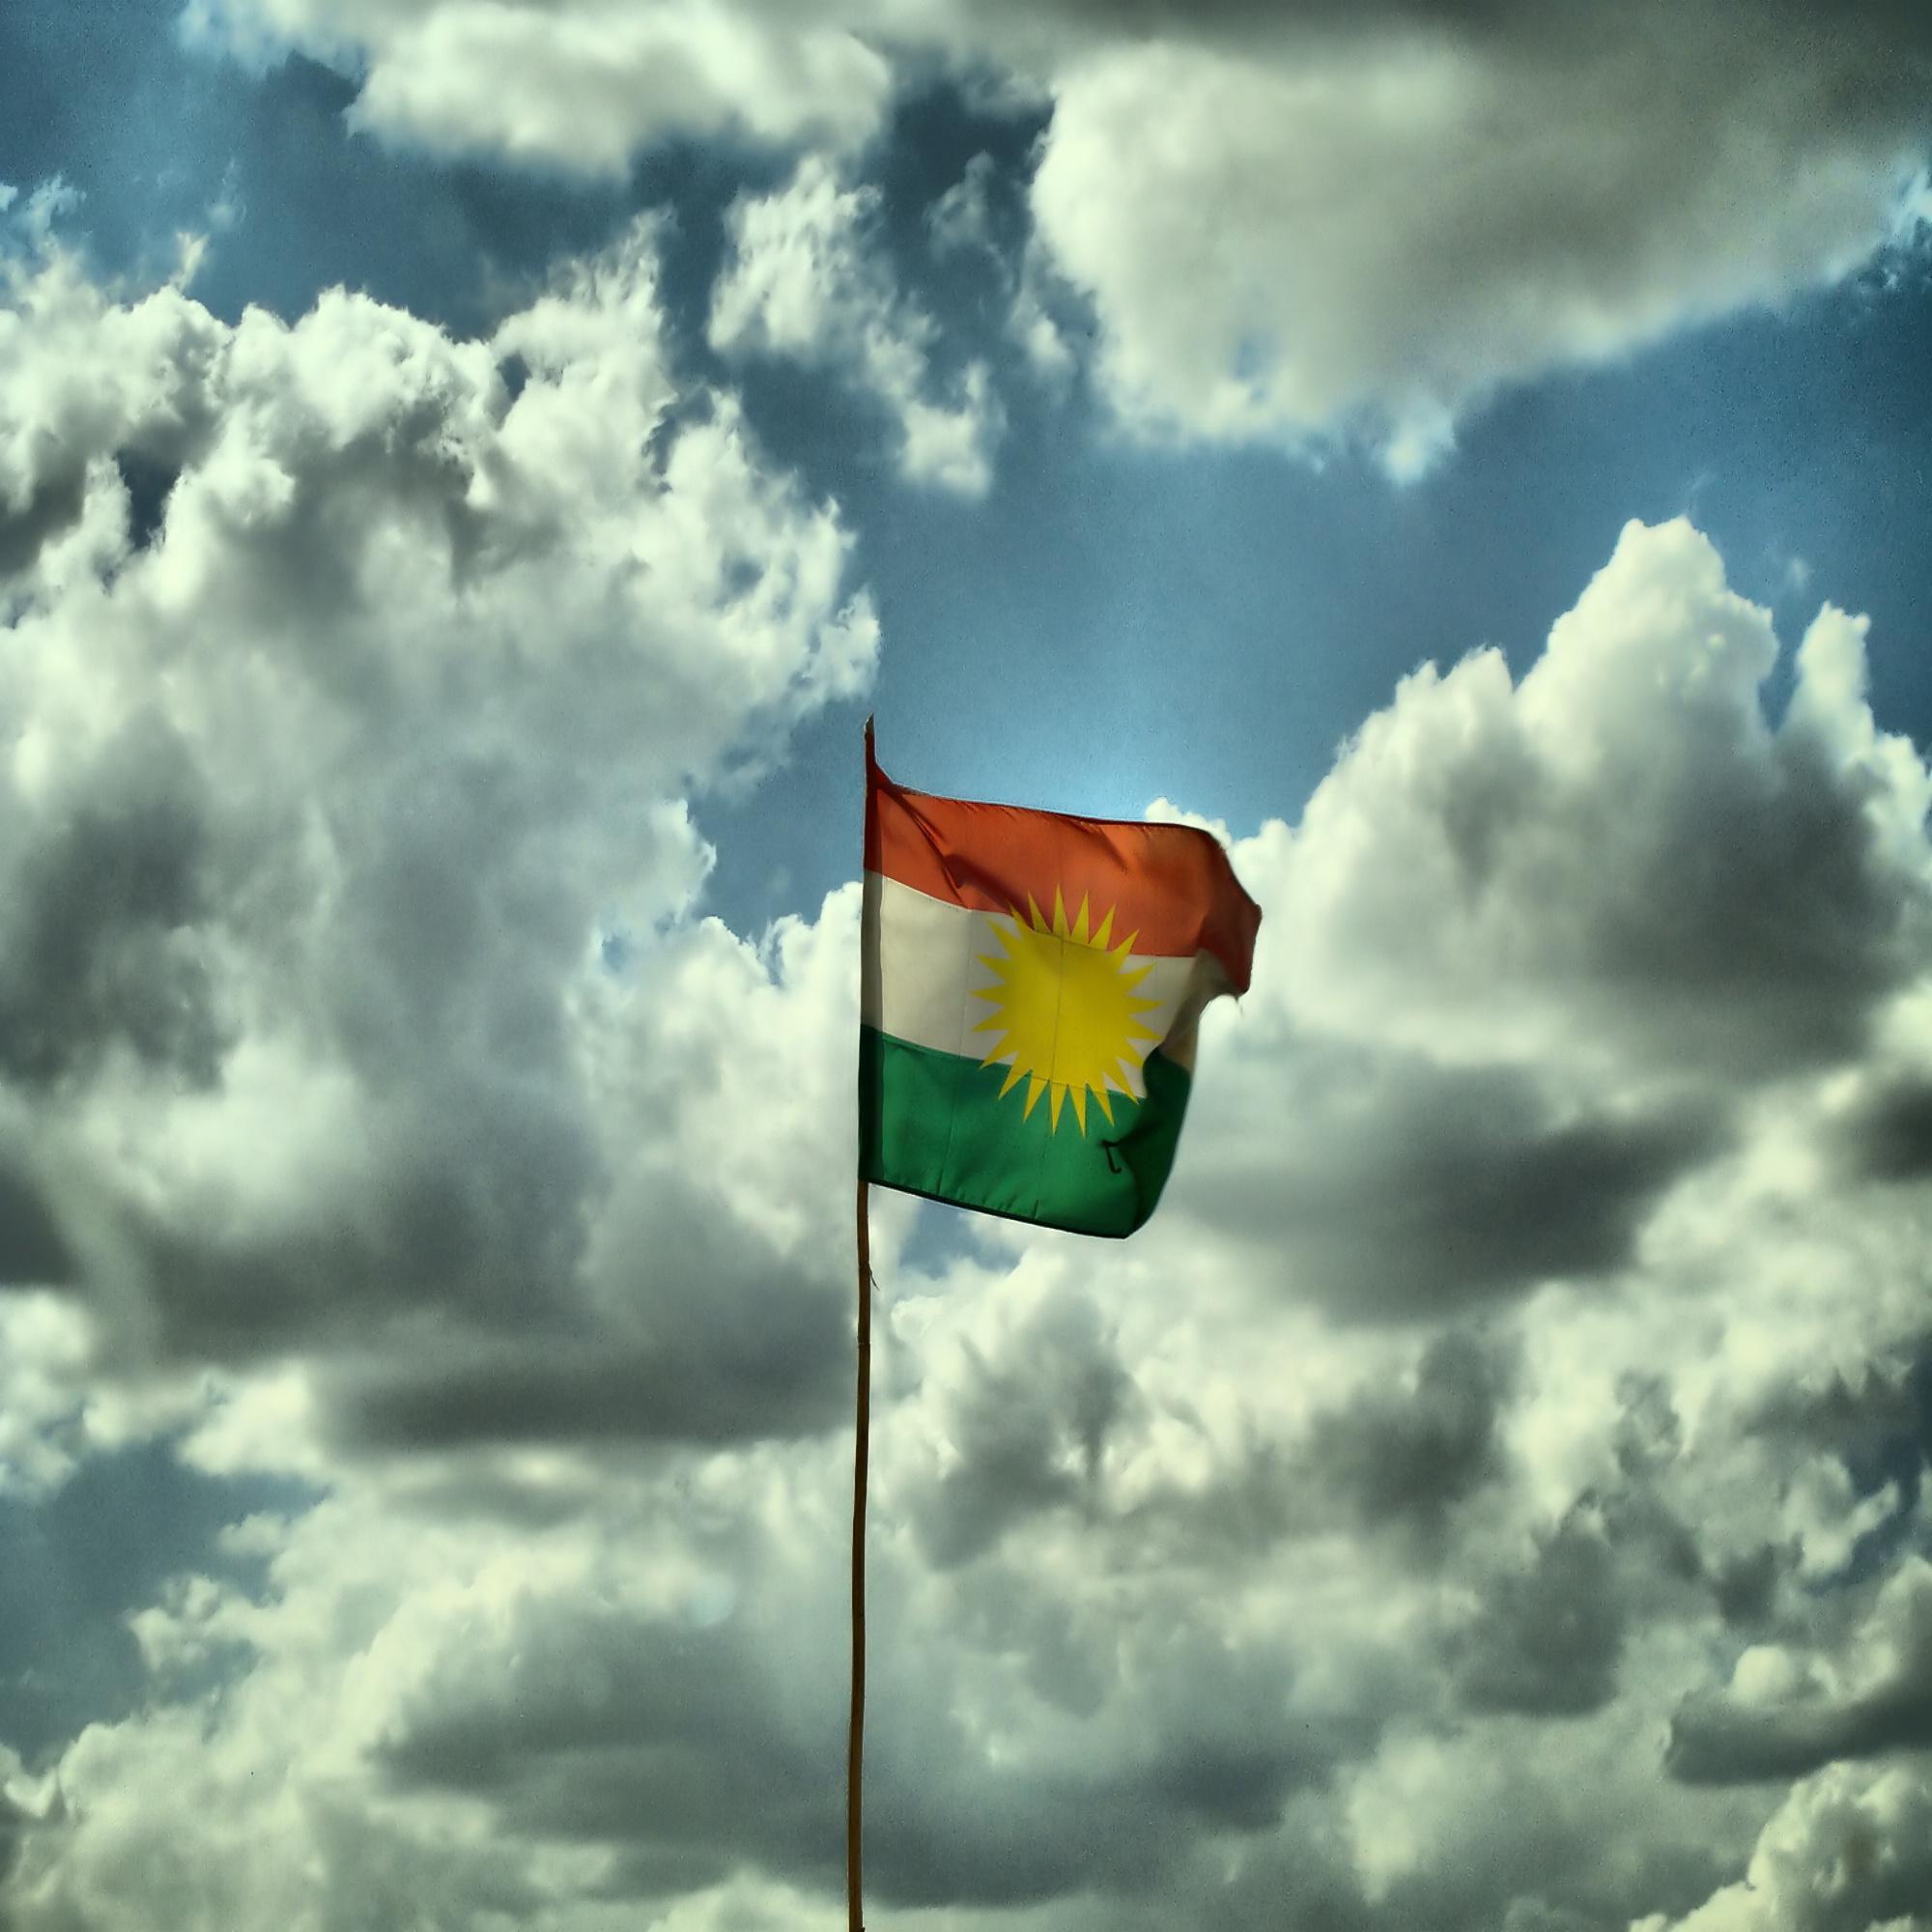 Intereses en conflicto: Teherán y las aspiraciones nacionales de los kurdos iraquíes – Por Dr. Doron Itzchakov (BESA)